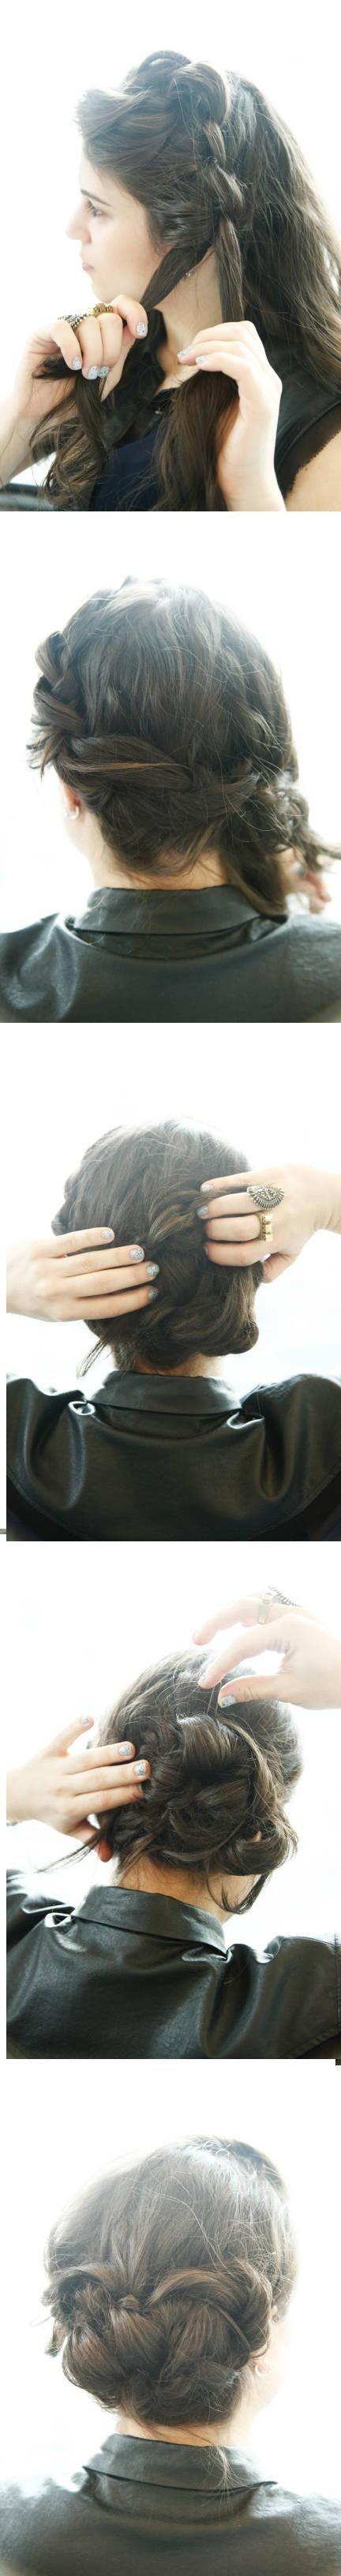 Updo Hairstyles Tutorials: Big Braids Bun Updos